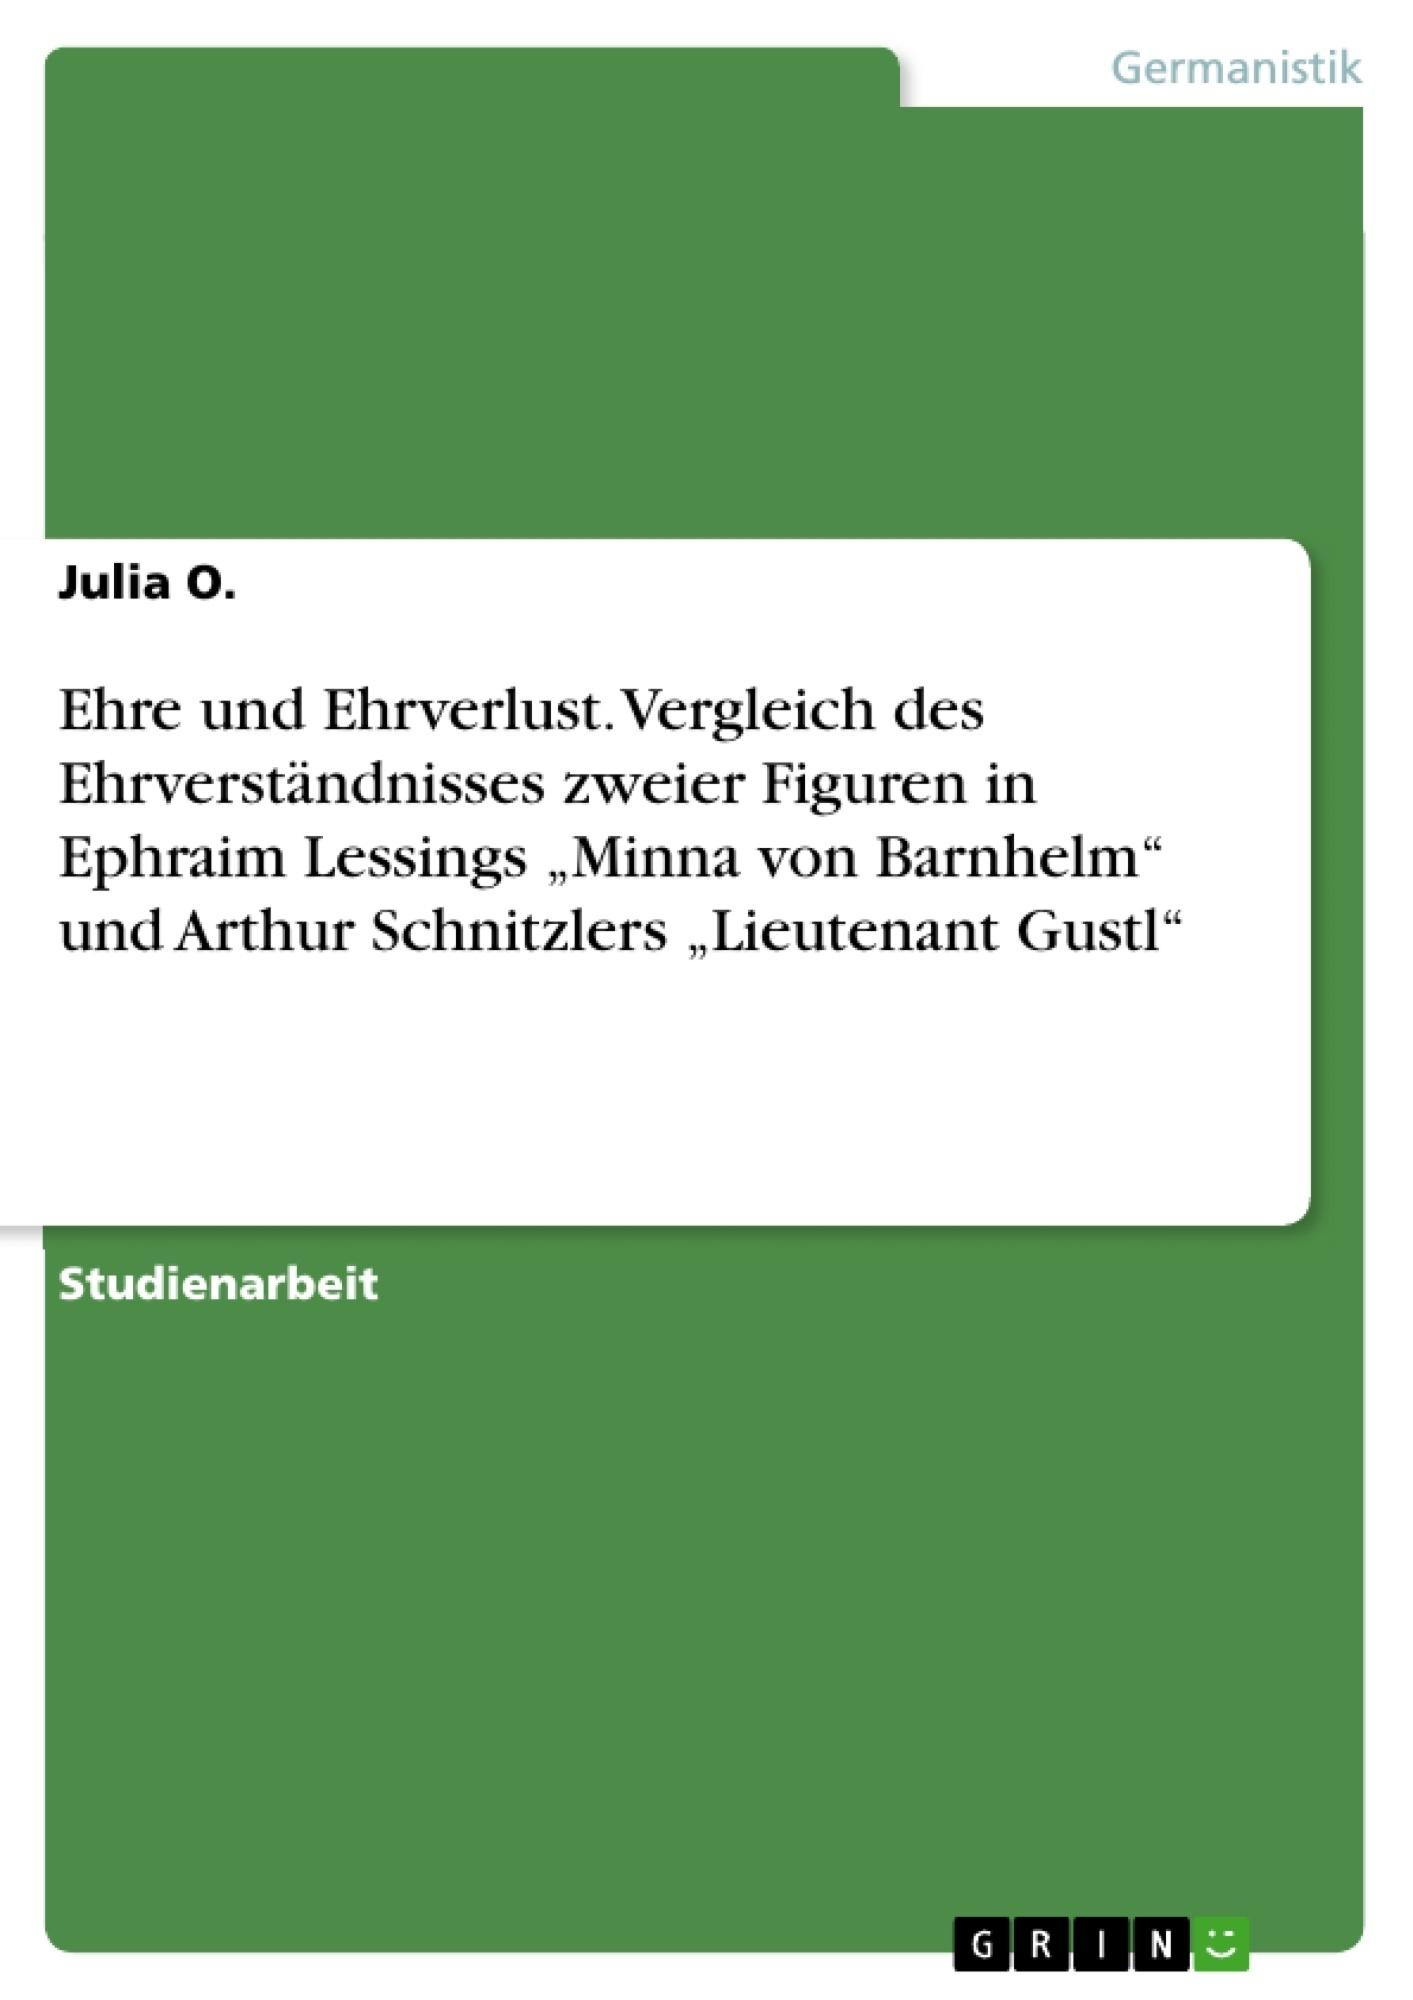 """Titel: Ehre und Ehrverlust. Vergleich des Ehrverständnisses zweier Figuren in Ephraim Lessings """"Minna von Barnhelm"""" und Arthur Schnitzlers """"Lieutenant Gustl"""""""